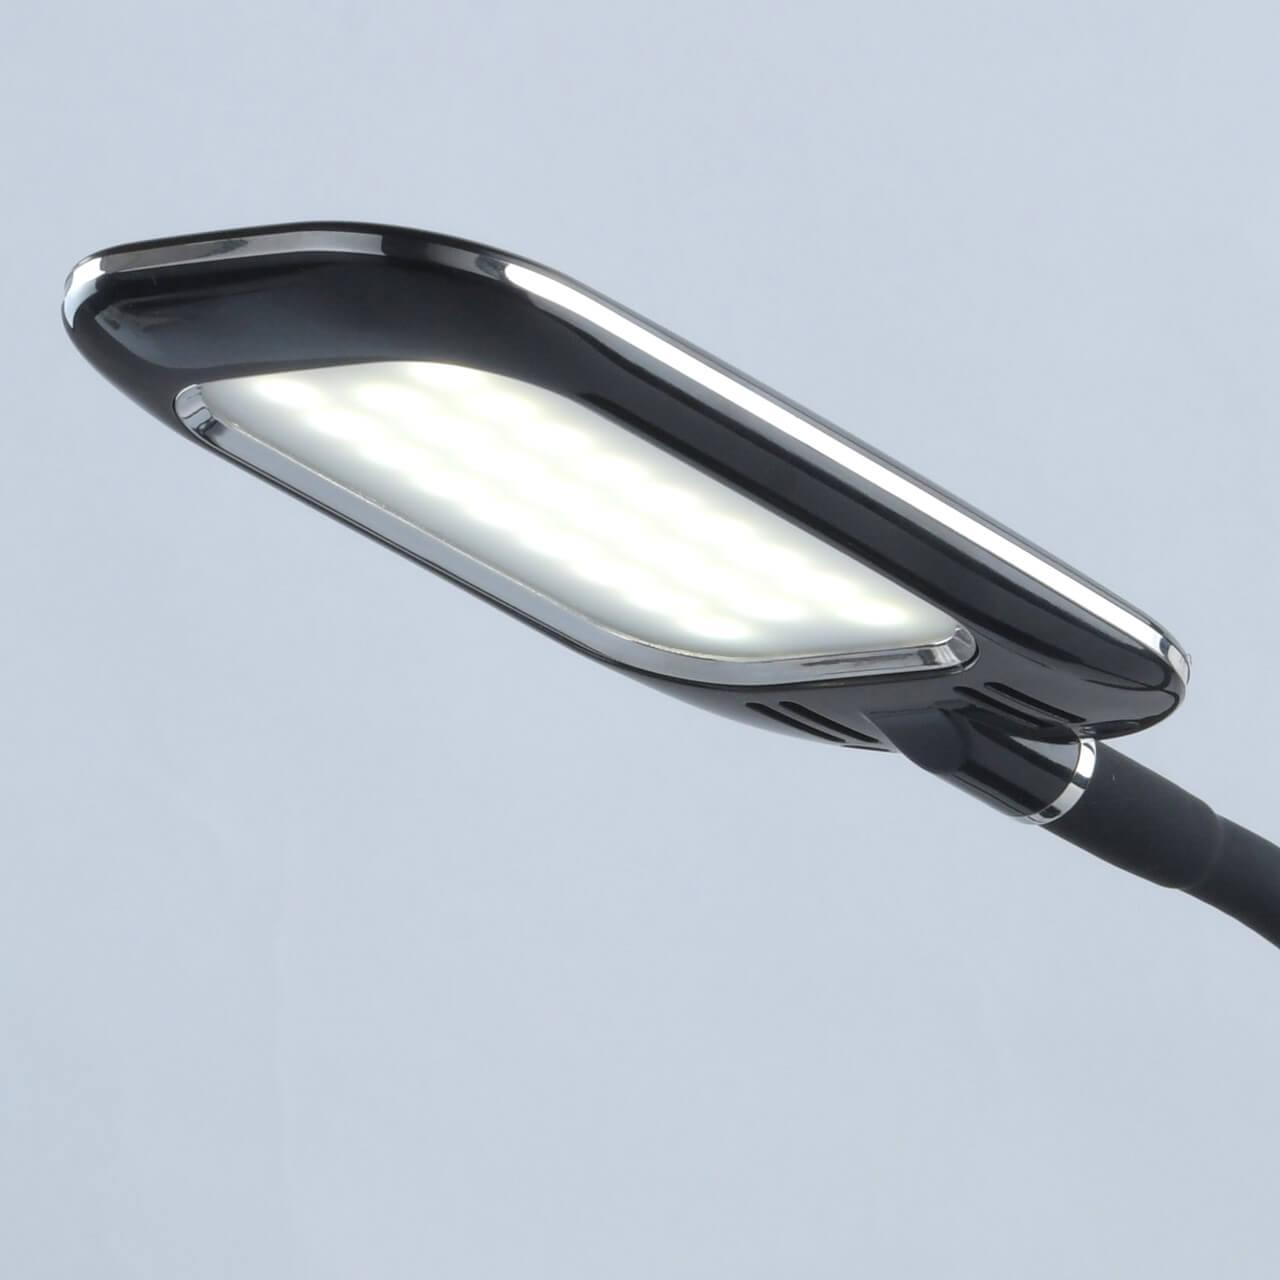 Настольная лампа De Markt Ракурс 631035301 настольная лампа de markt крайс 657030301